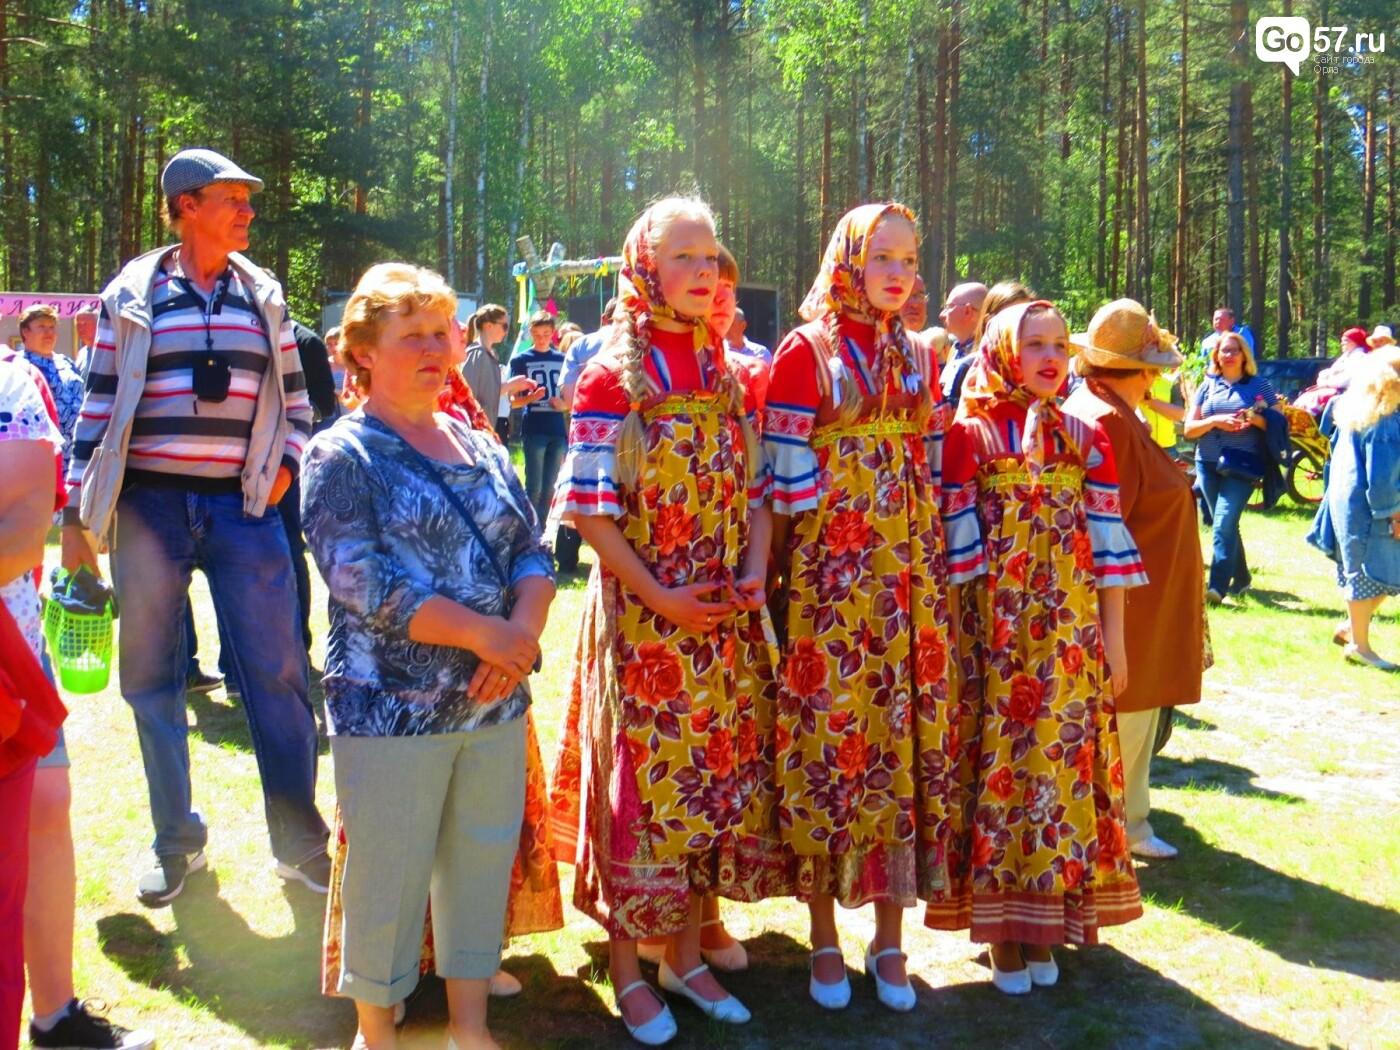 «Троицкие хороводы» - гордость Орловской области, фото-3